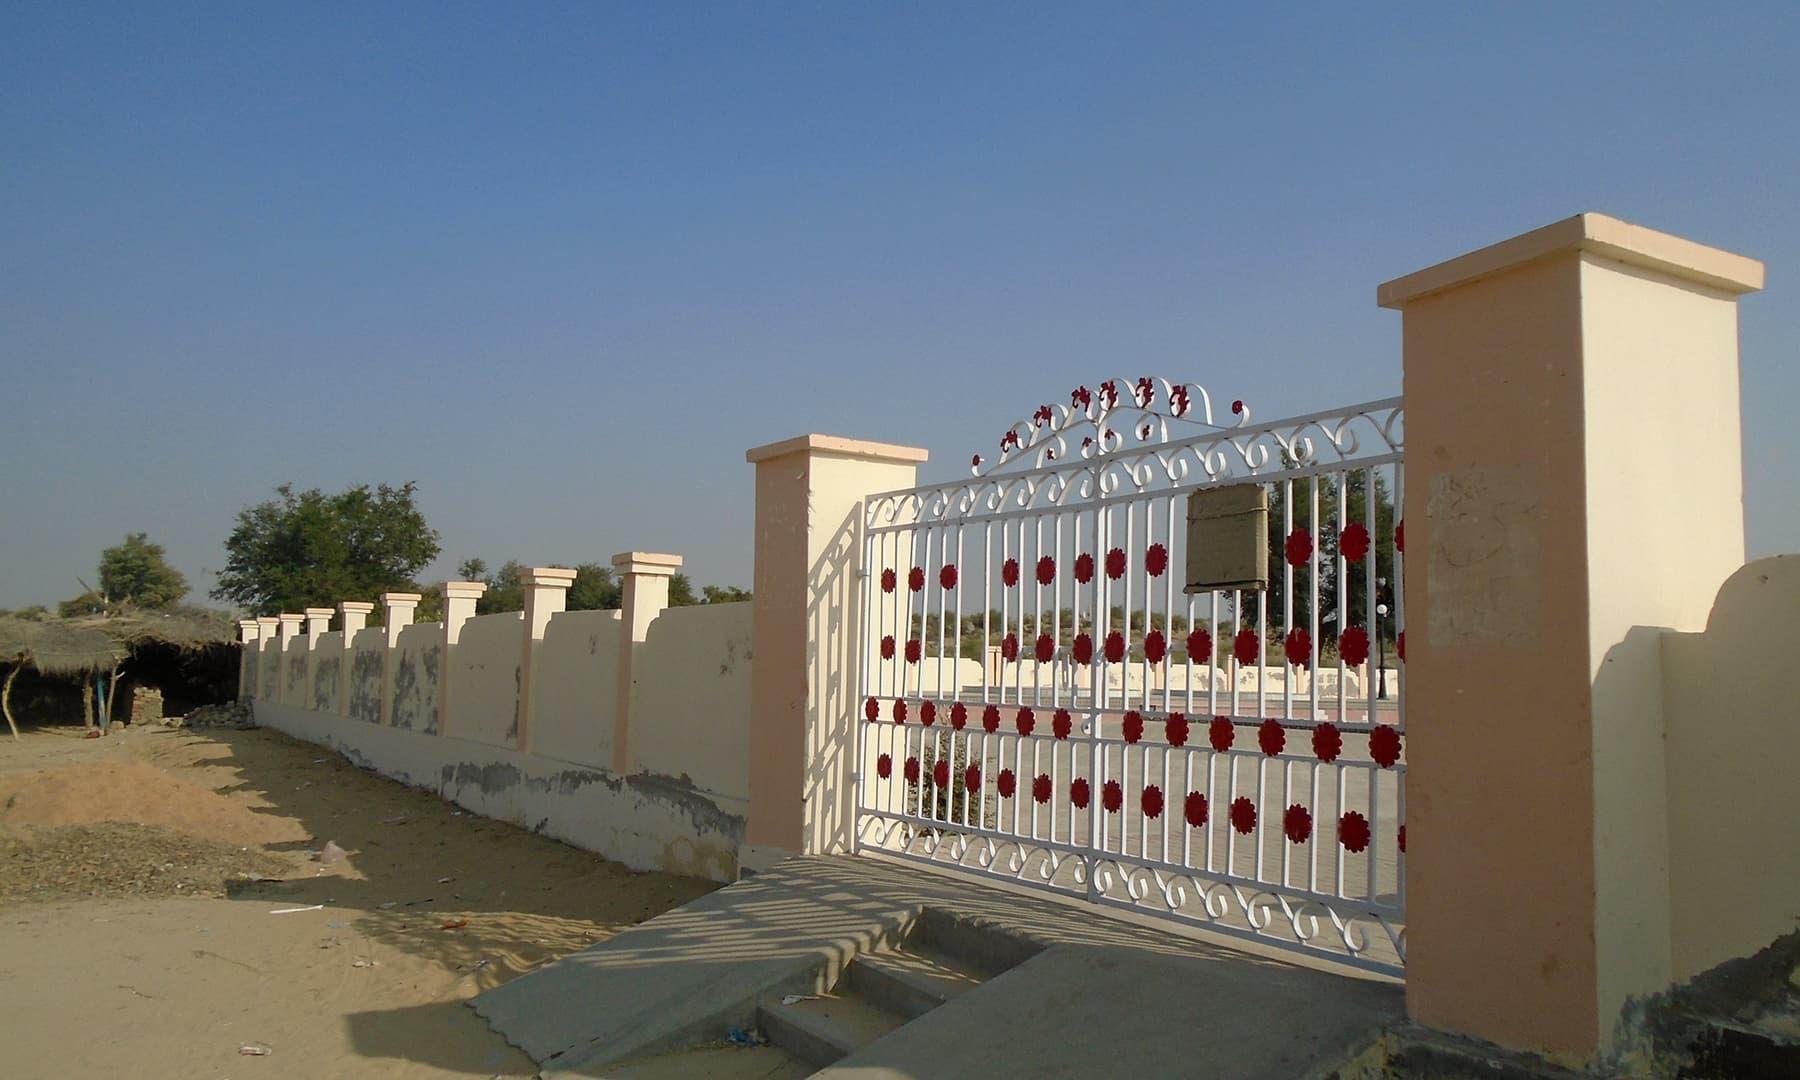 کنویں کے گرد حکومت کی طرف سے چار دیواری قائم کی گئی ہے.